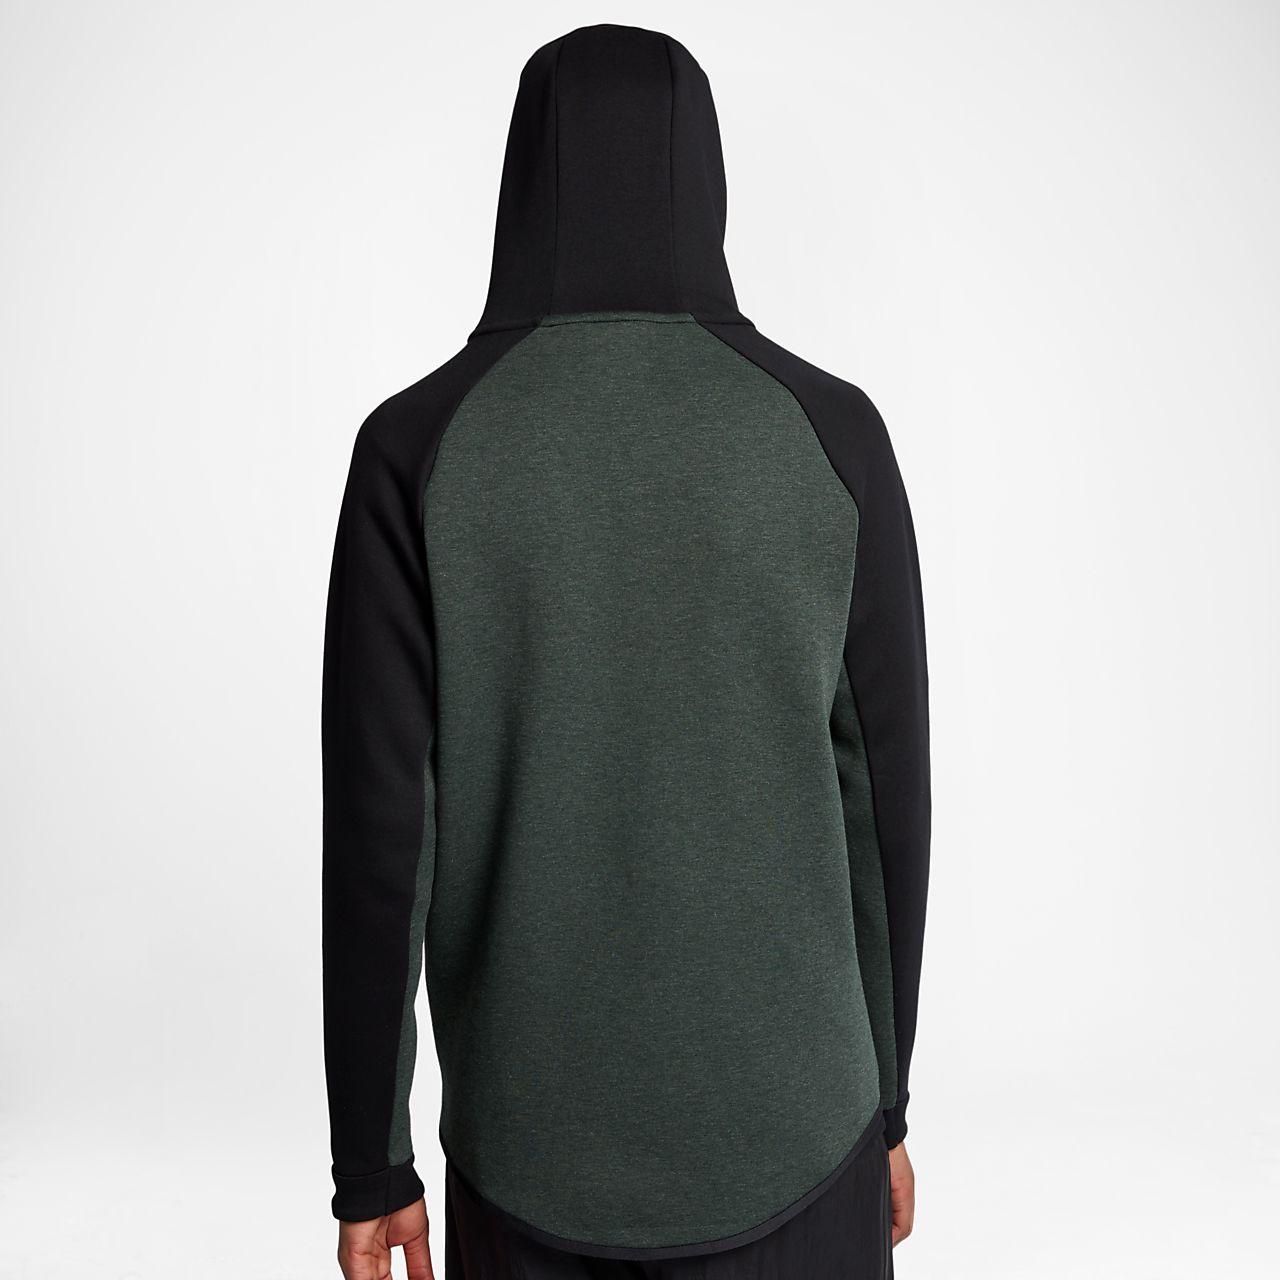 meet 66a86 eecd7 ... Nike Sportswear Tech Fleece Windrunner Men s Full-Zip Hoodie